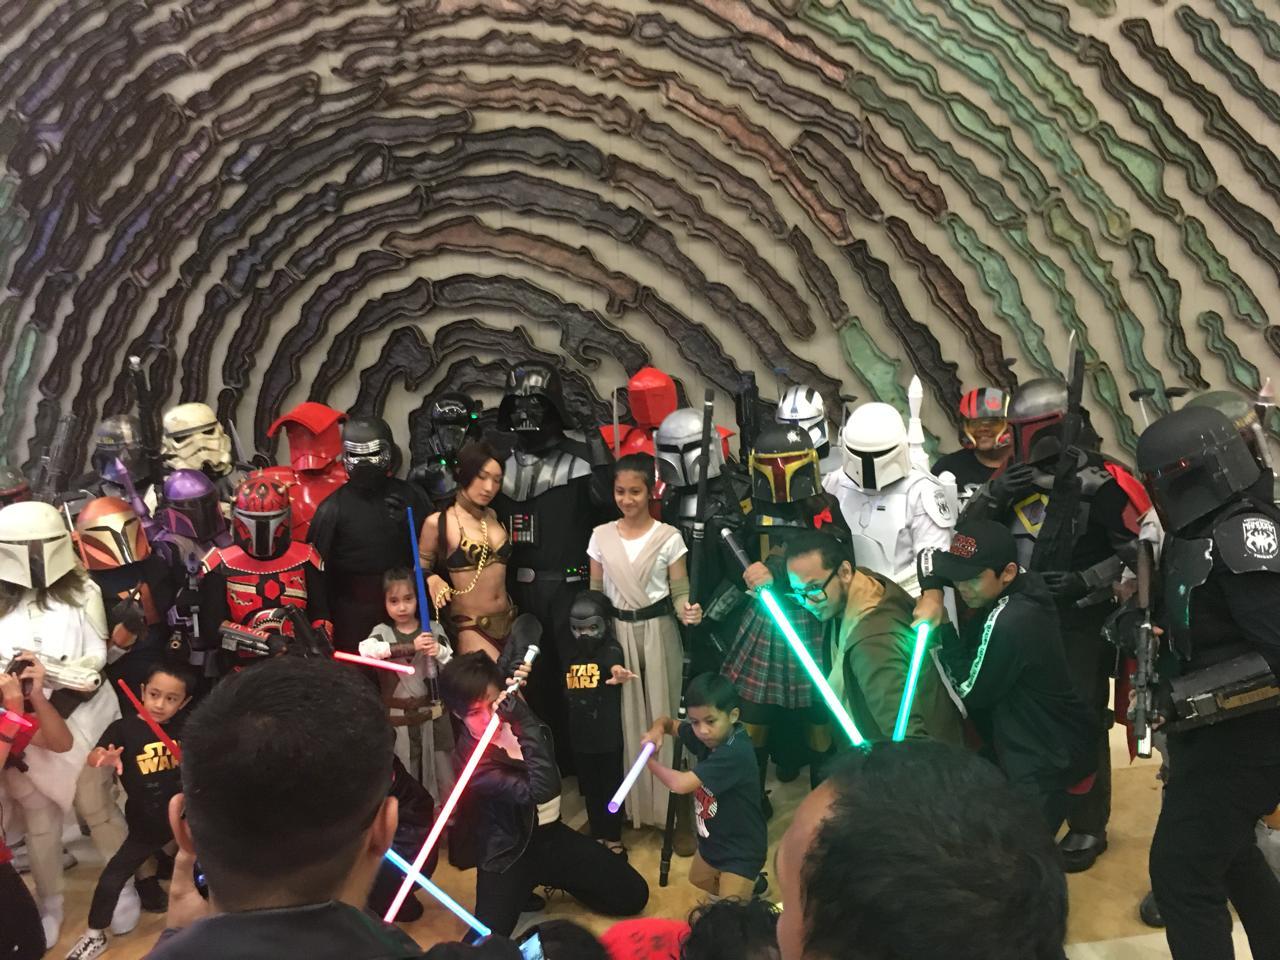 ORDER 66 S.I.T.H, Rumahnya Para Penggemar Star Wars di Indonesia